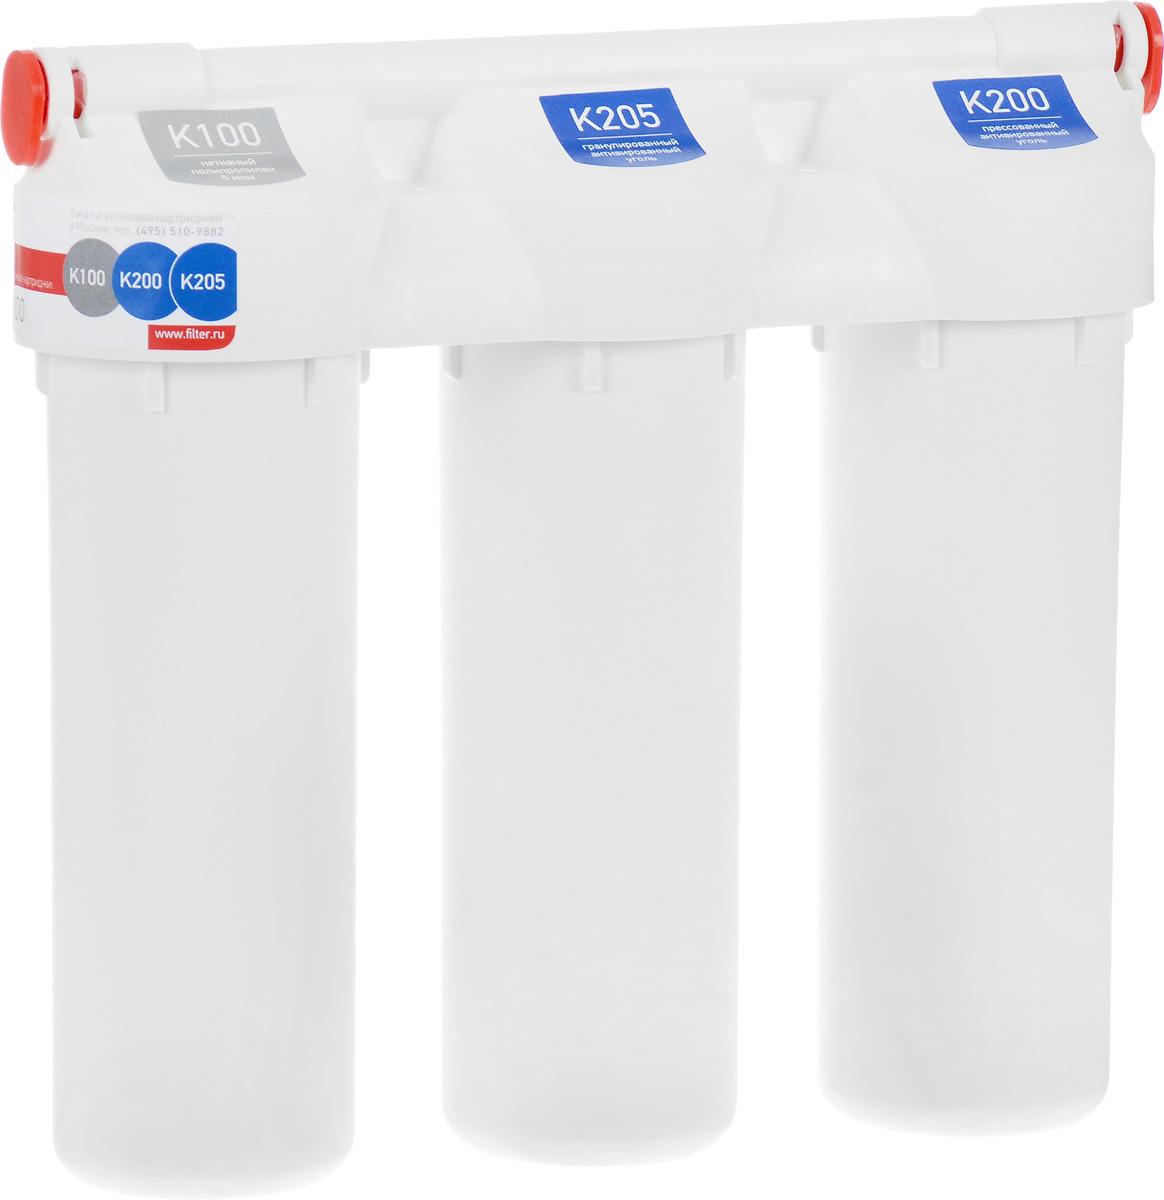 Фильтр под мойку Prio Praktic, для сильно хлорированной водыEU 200Фильтр под мойку Prio Praktic обеспечивает универсальную очистку водопроводной воды от распространенных загрязнителей: механических примесей (ржавчины, ила, песка), свободного хлора, хлорорганических соединений, пестицидов, гербицидов, сельскохозяйственных удобрений и продуктов их распада, фенолов, нефтепродуктов, алюминия, тяжелых металлов, радиоактивных элементов и иных органических и неорганических веществ. Устраняет неприятные запахи, улучшает вкус воды. Рекомендуется для регионов с водой, характеризующейся нормальным и пониженным содержанием солей жесткости. Выдерживает давление воды до 28 Атм. В комплект уже входят картриджи, отдельный кран для очищенной воды и все необходимое для быстрой установки фильтра на месте эксплуатации. Установленные картриджи: Картридж механической очистки K100. Нетканый полимер 5 мкм. Сорбционный картридж K205. Гранулированный активированный уголь из скорлупы кокосового ореха. Сорбционный картридж K200....